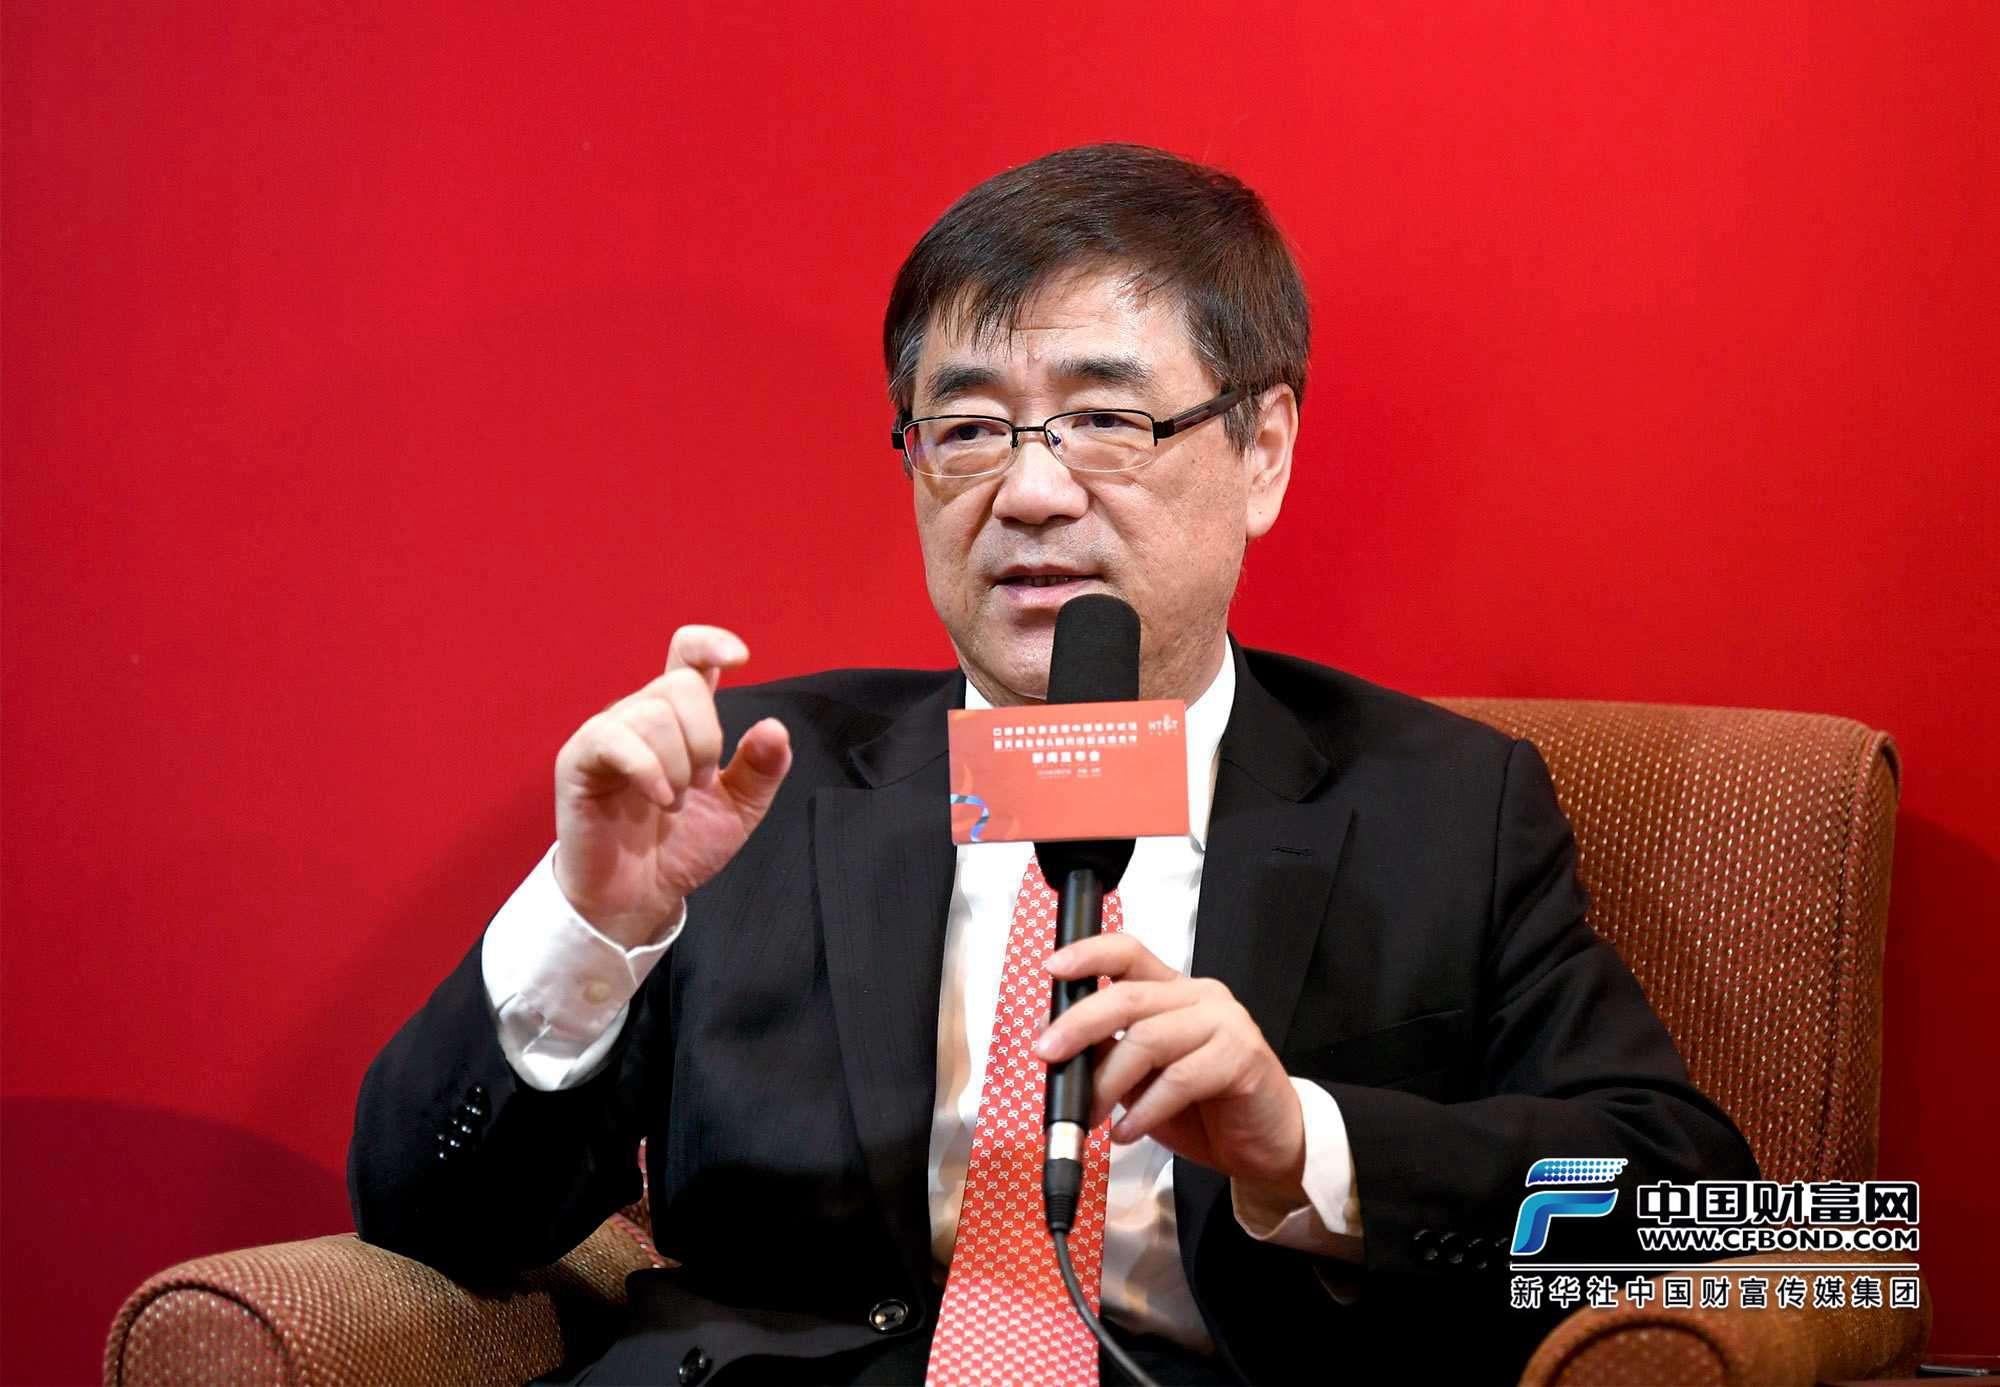 中国工程院院士宁光:糖尿病治疗将迎来新武器